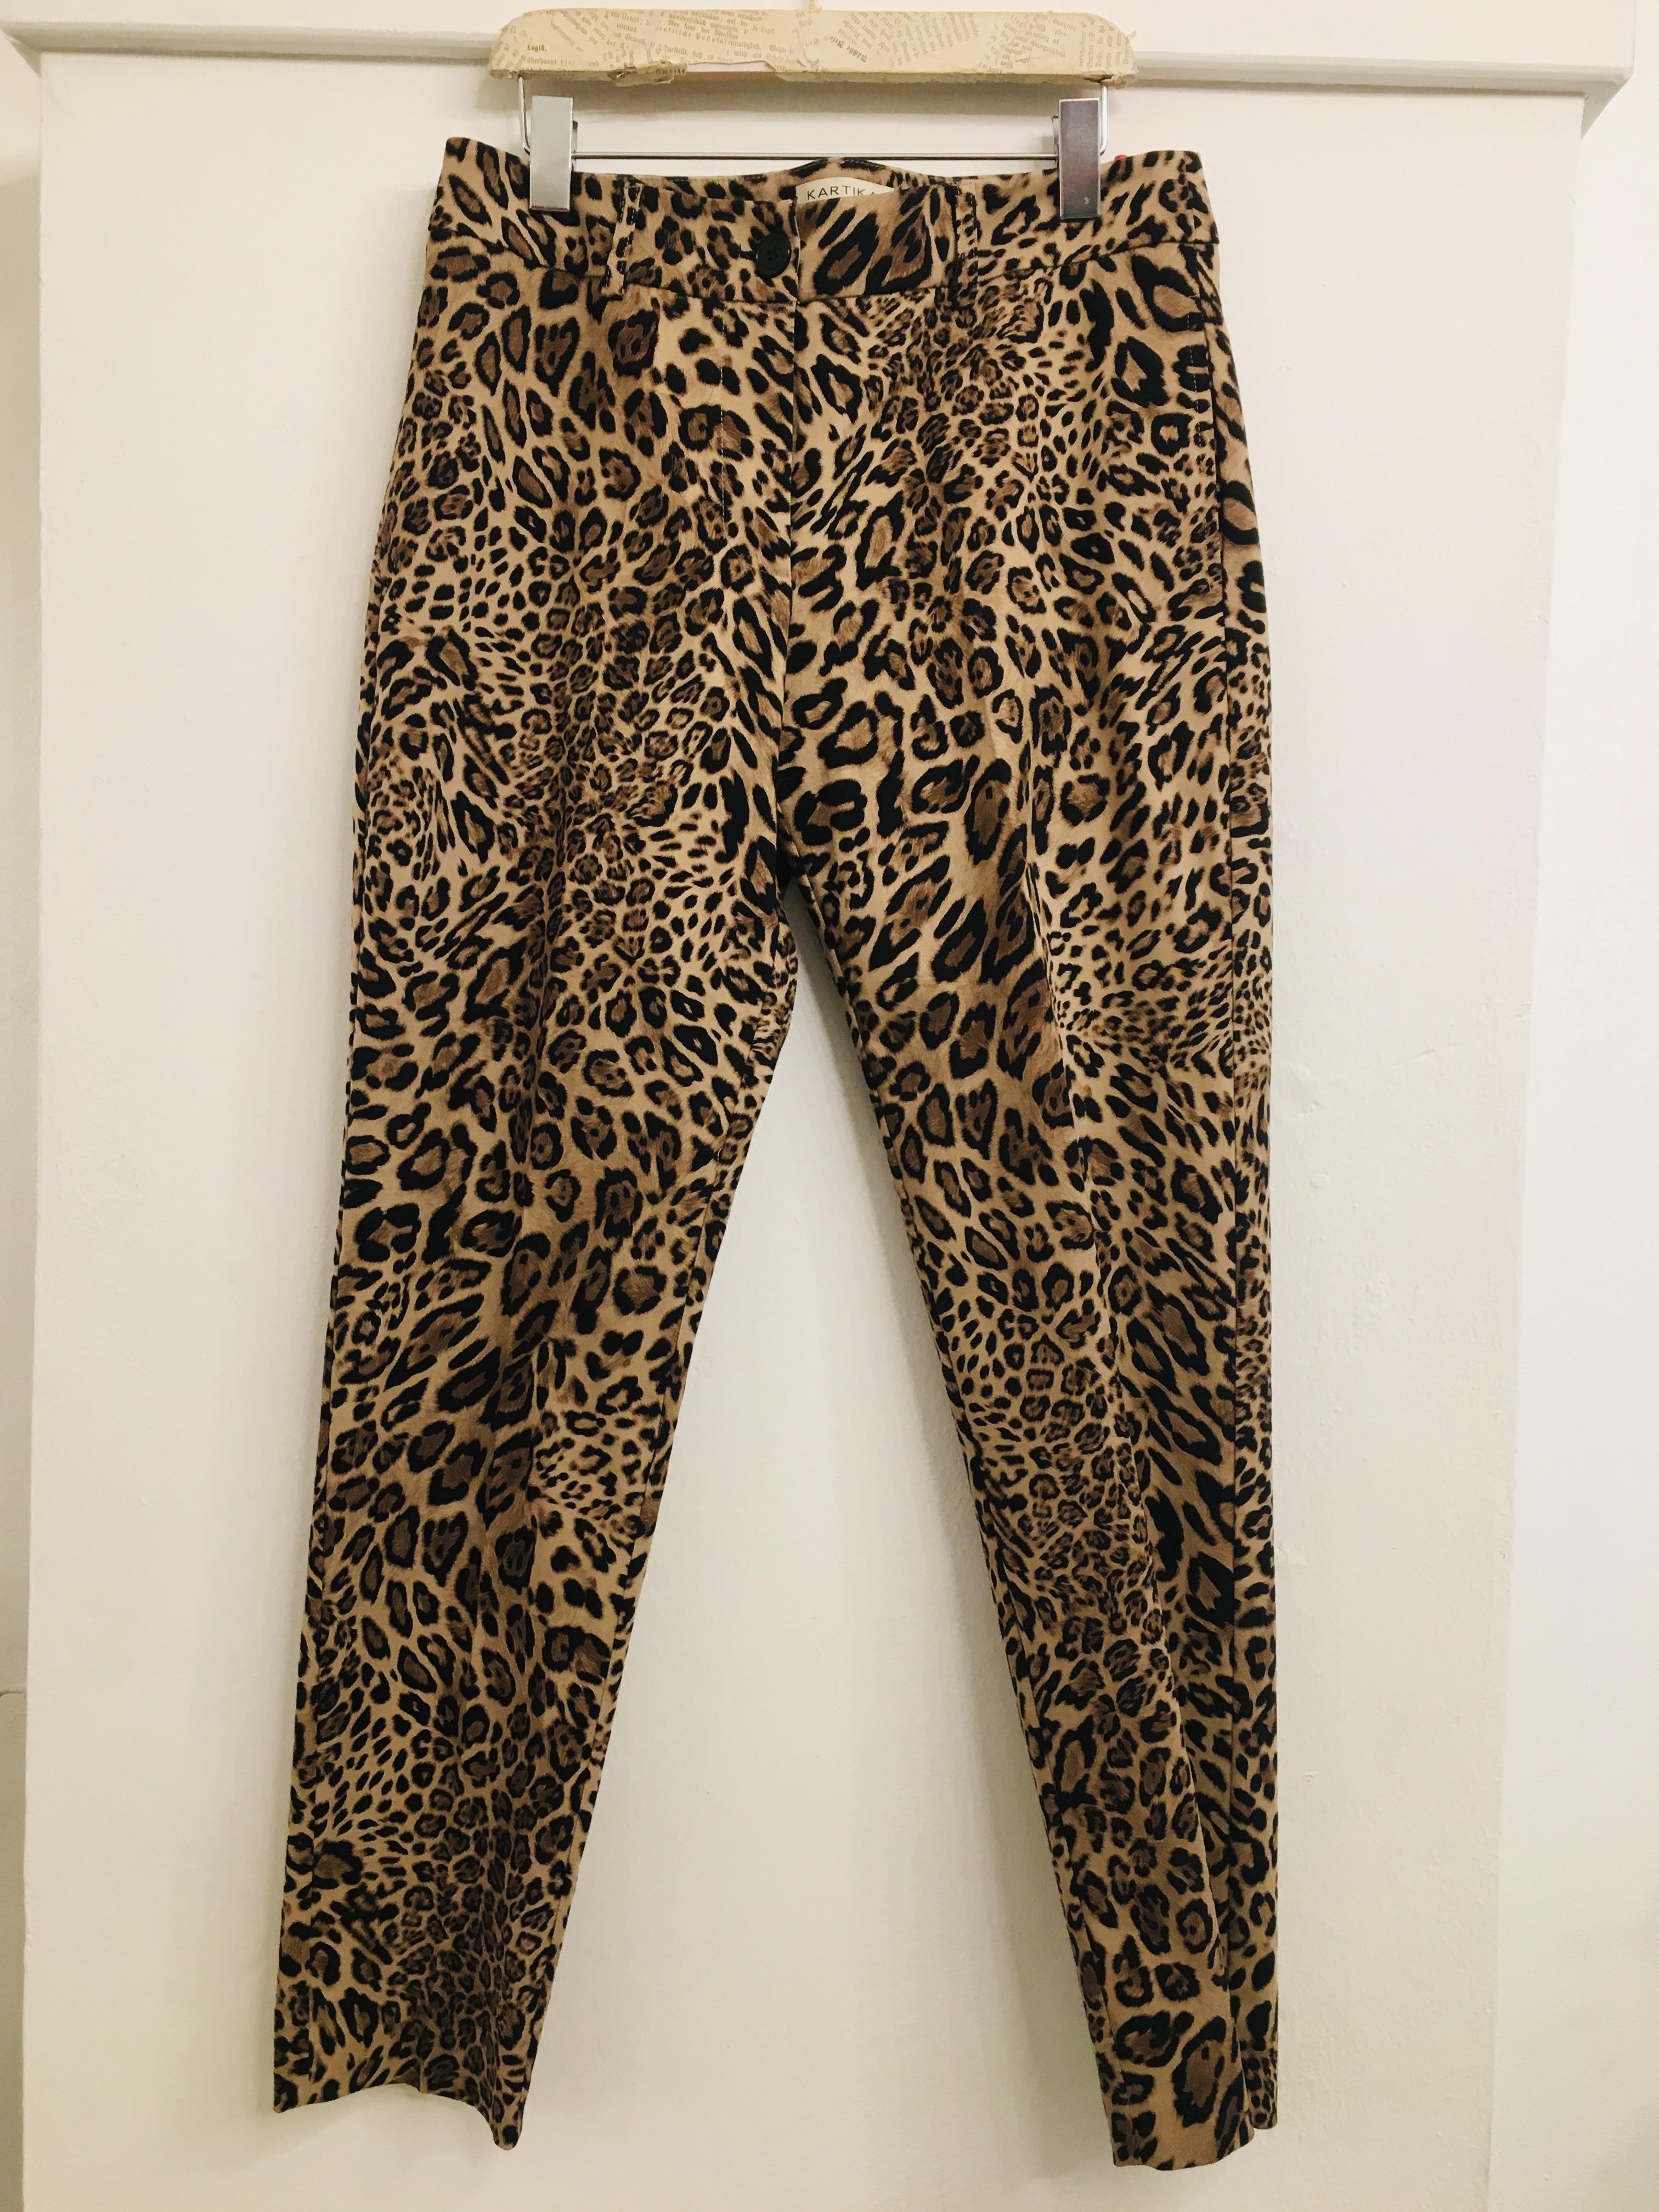 Pantalone donna| fantasia animalier| taglio a sigaretta|con due tasche frontali| made in Italy